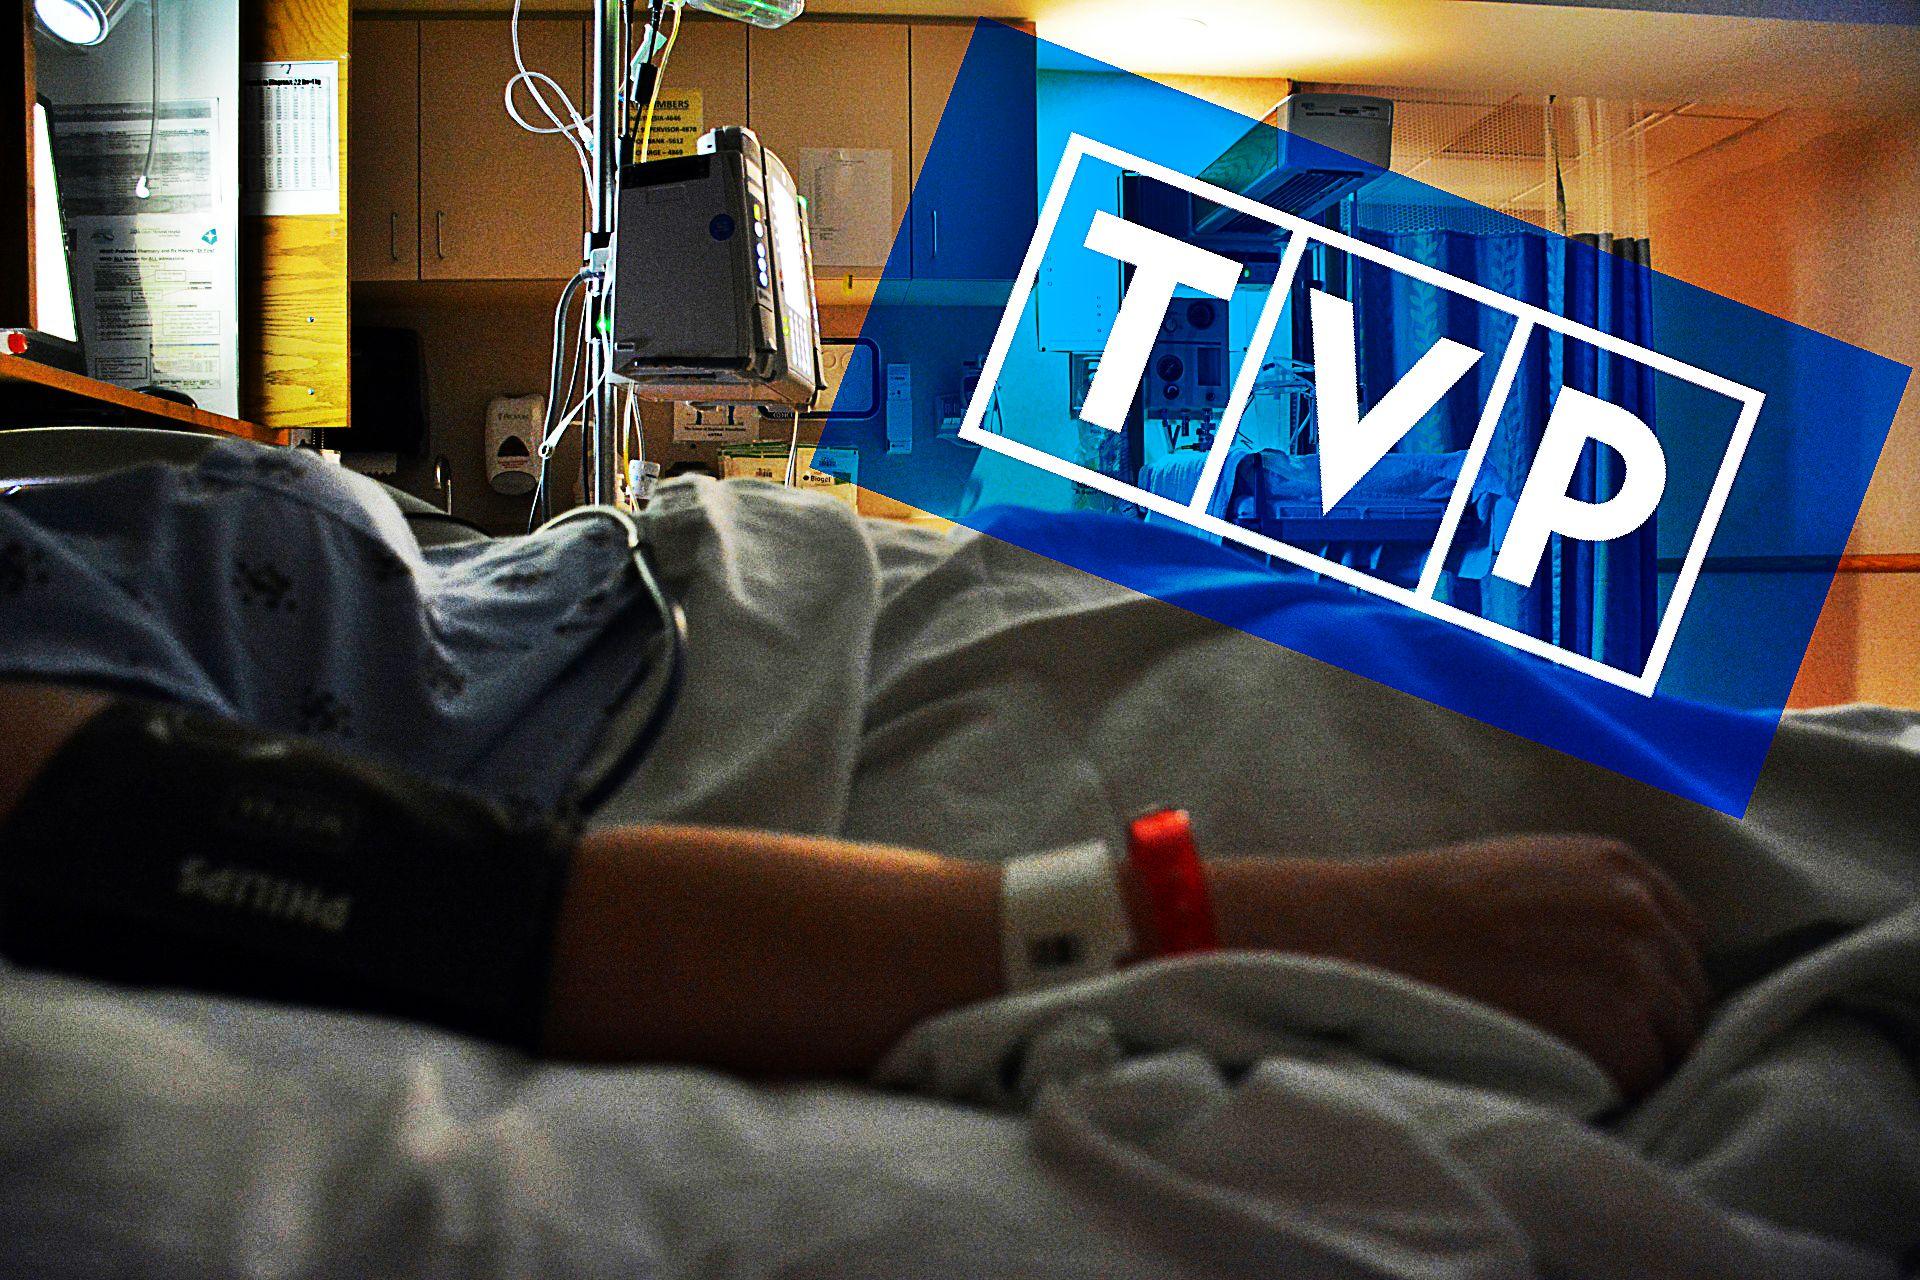 Gwiazda TVP w szpitalu. Miała zawał serca